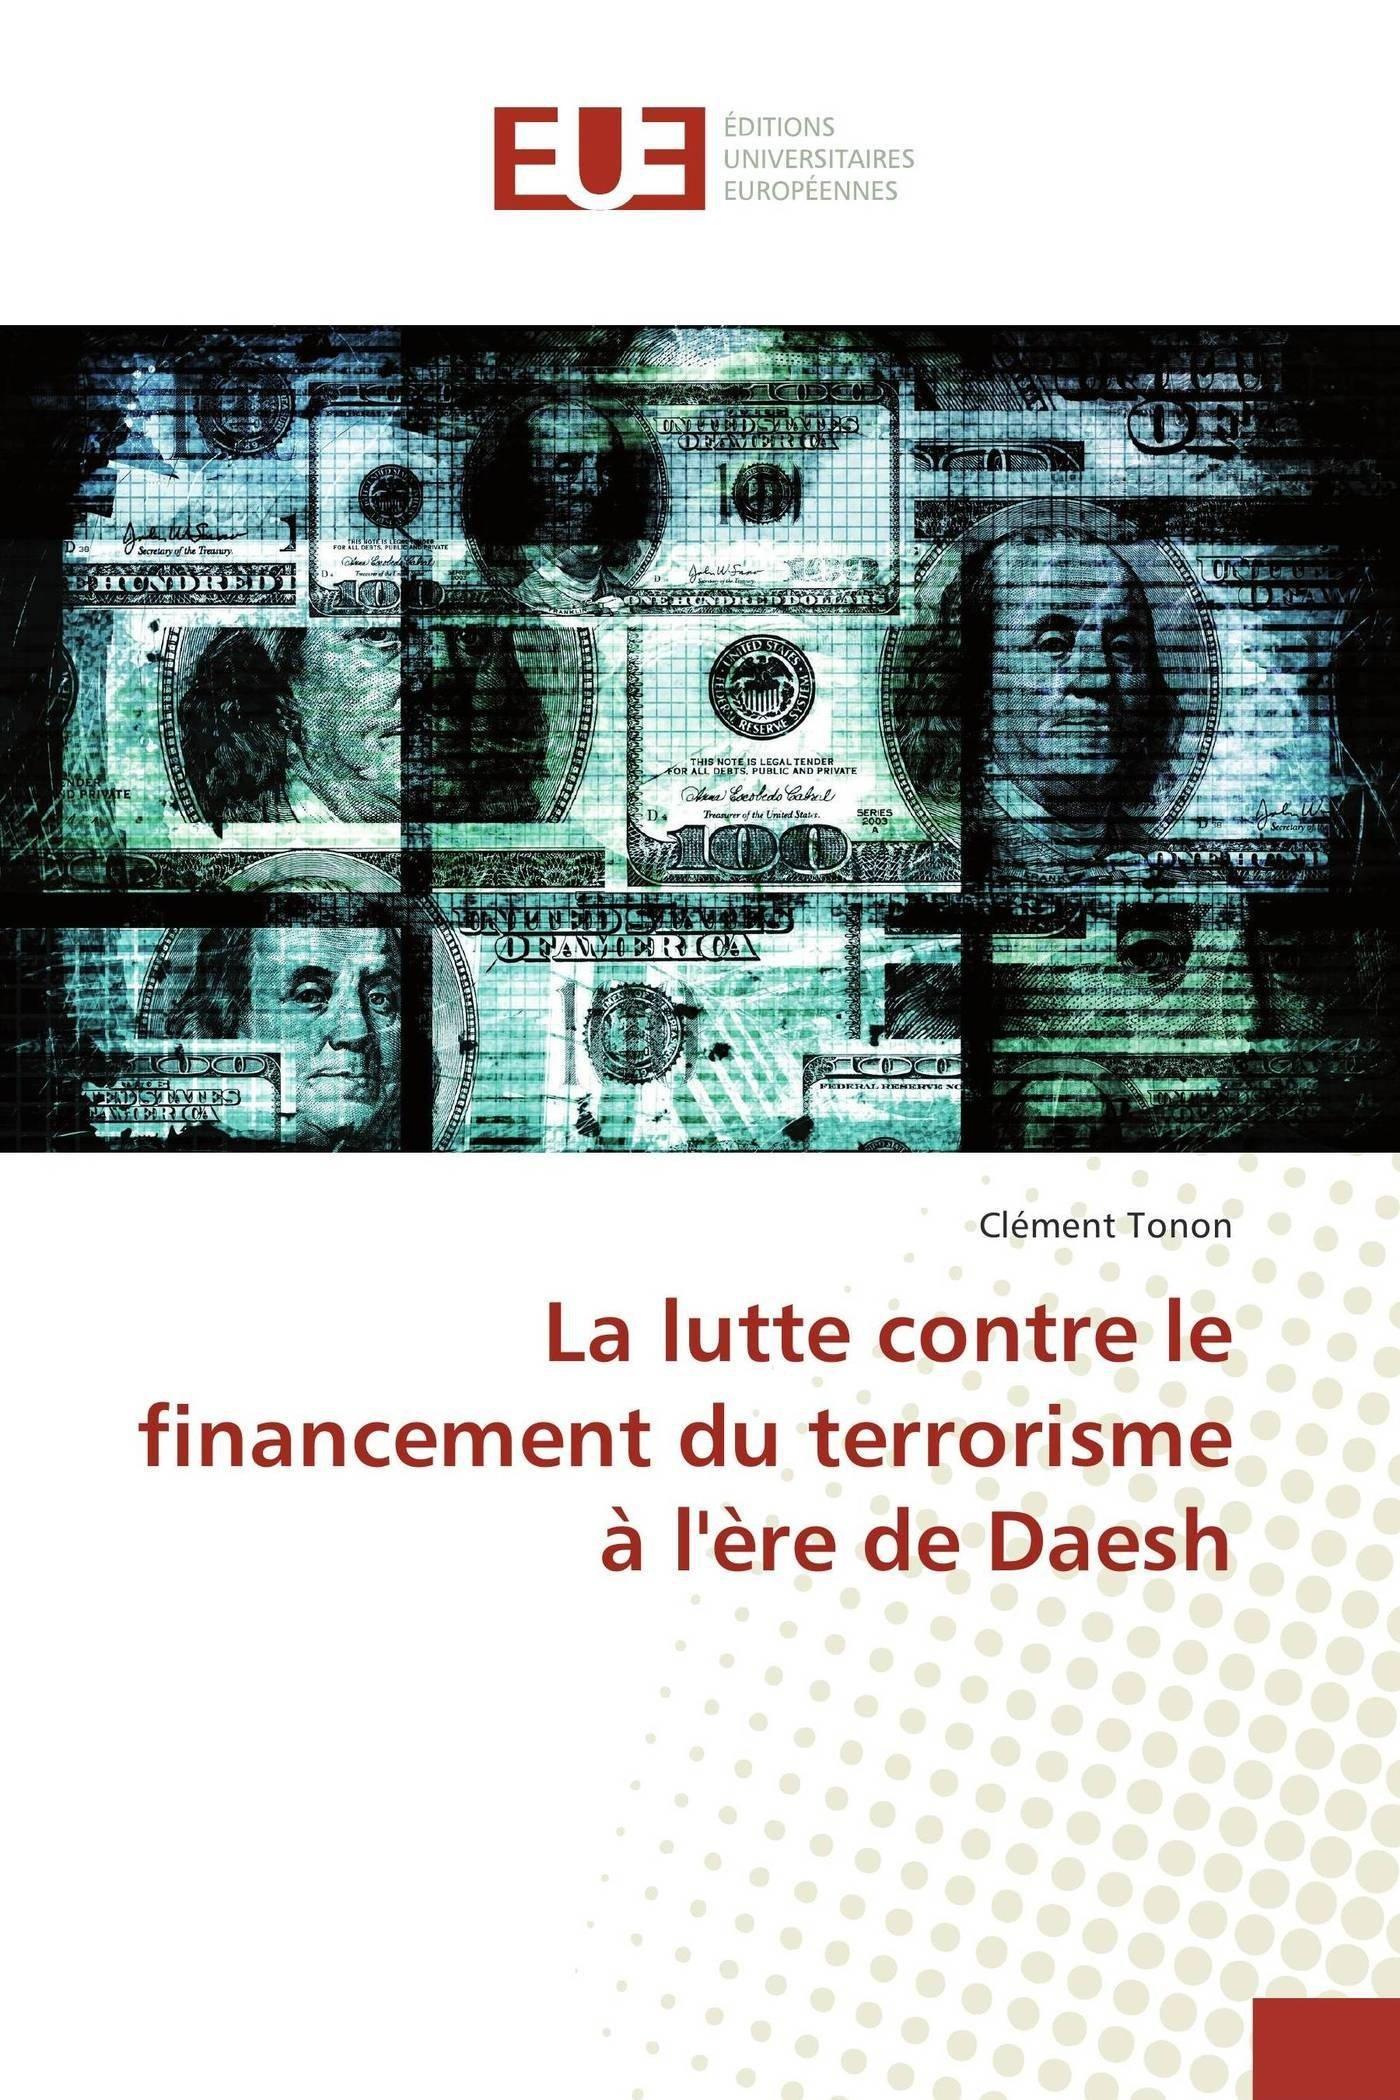 La lutte contre le financement du terrorisme à l'ère de Daesh Broché – 9 septembre 2016 Clément Tonon Univ Européenne 3841610099 Essais littéraires